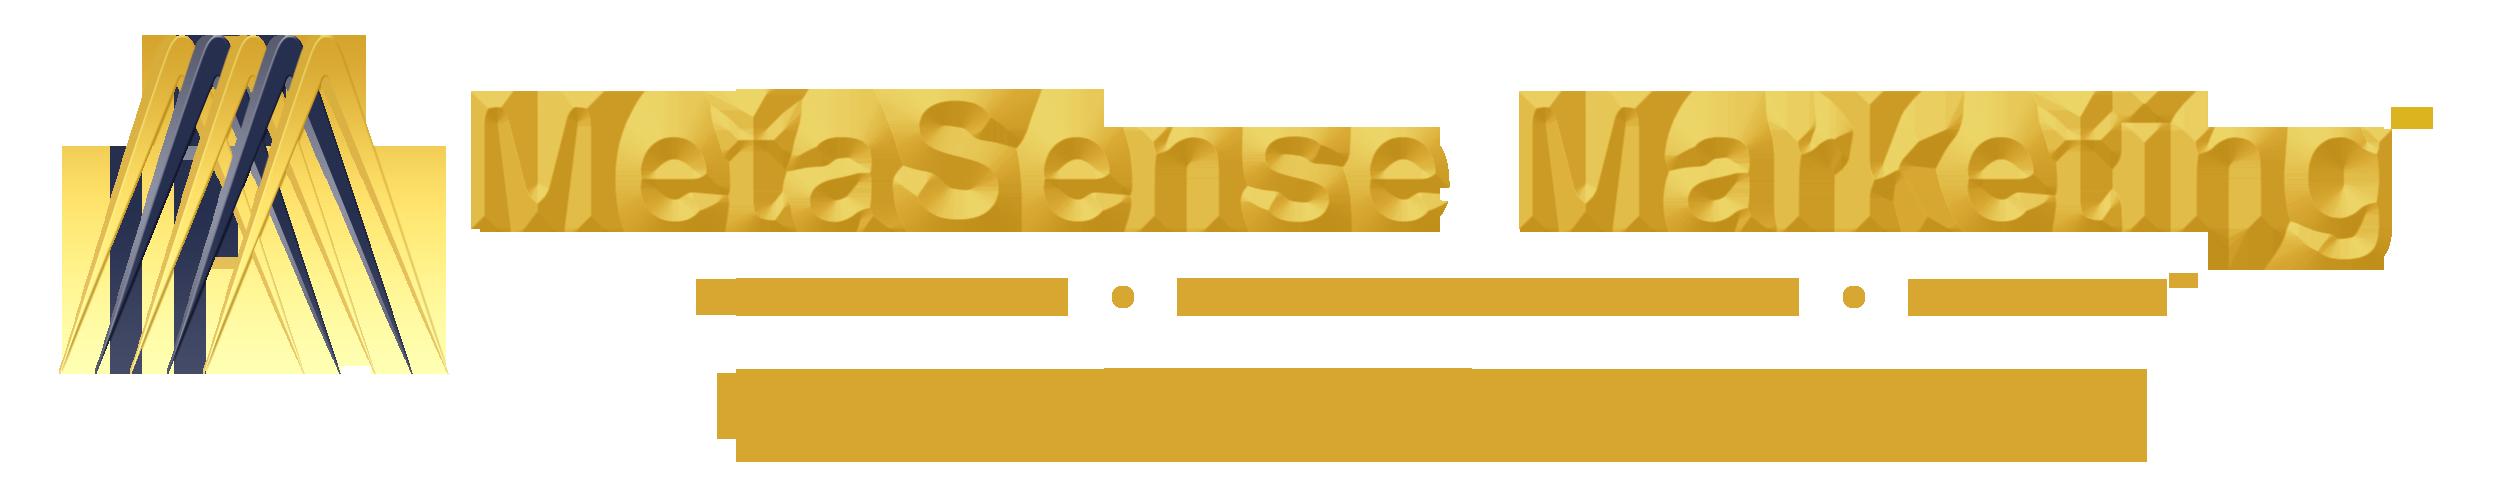 MetaSense Marketing